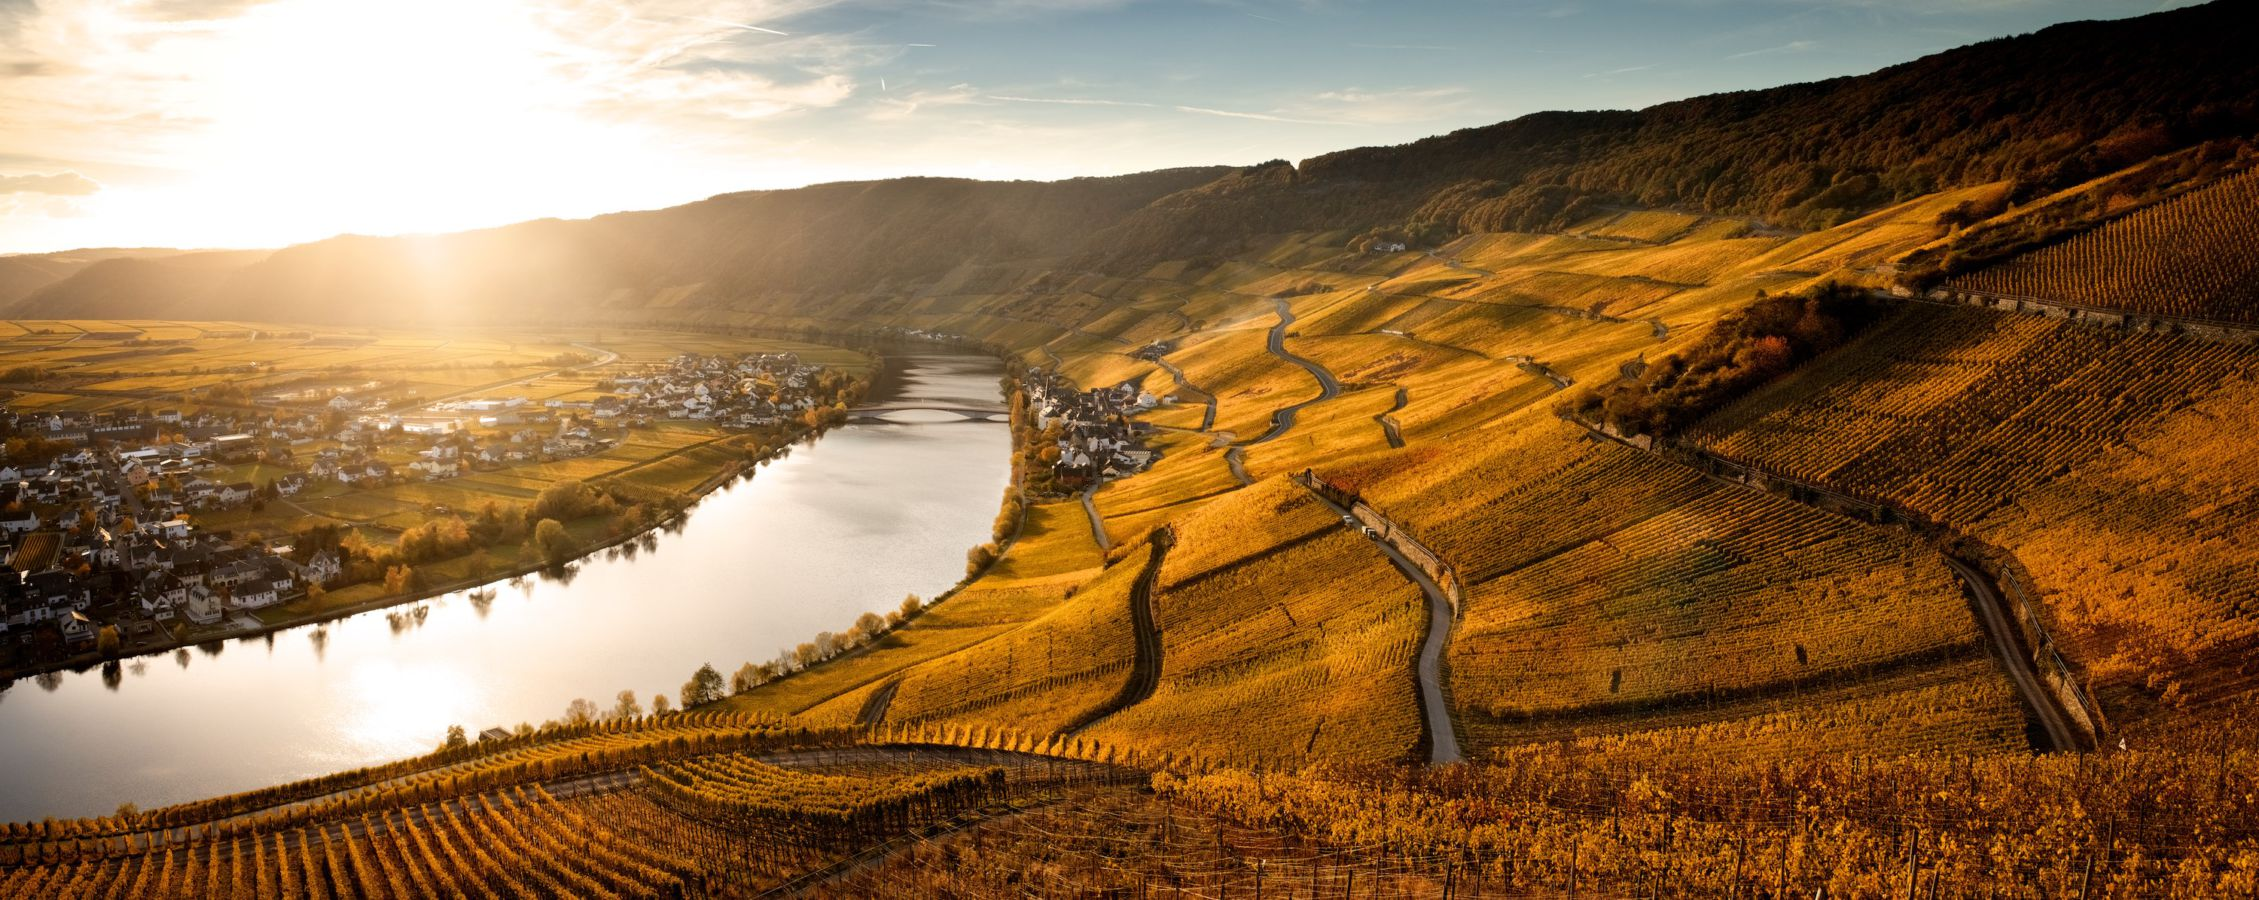 Weingut-Schloss-Lieser-Piesporter-Goldtroepfchen©by-Mekido